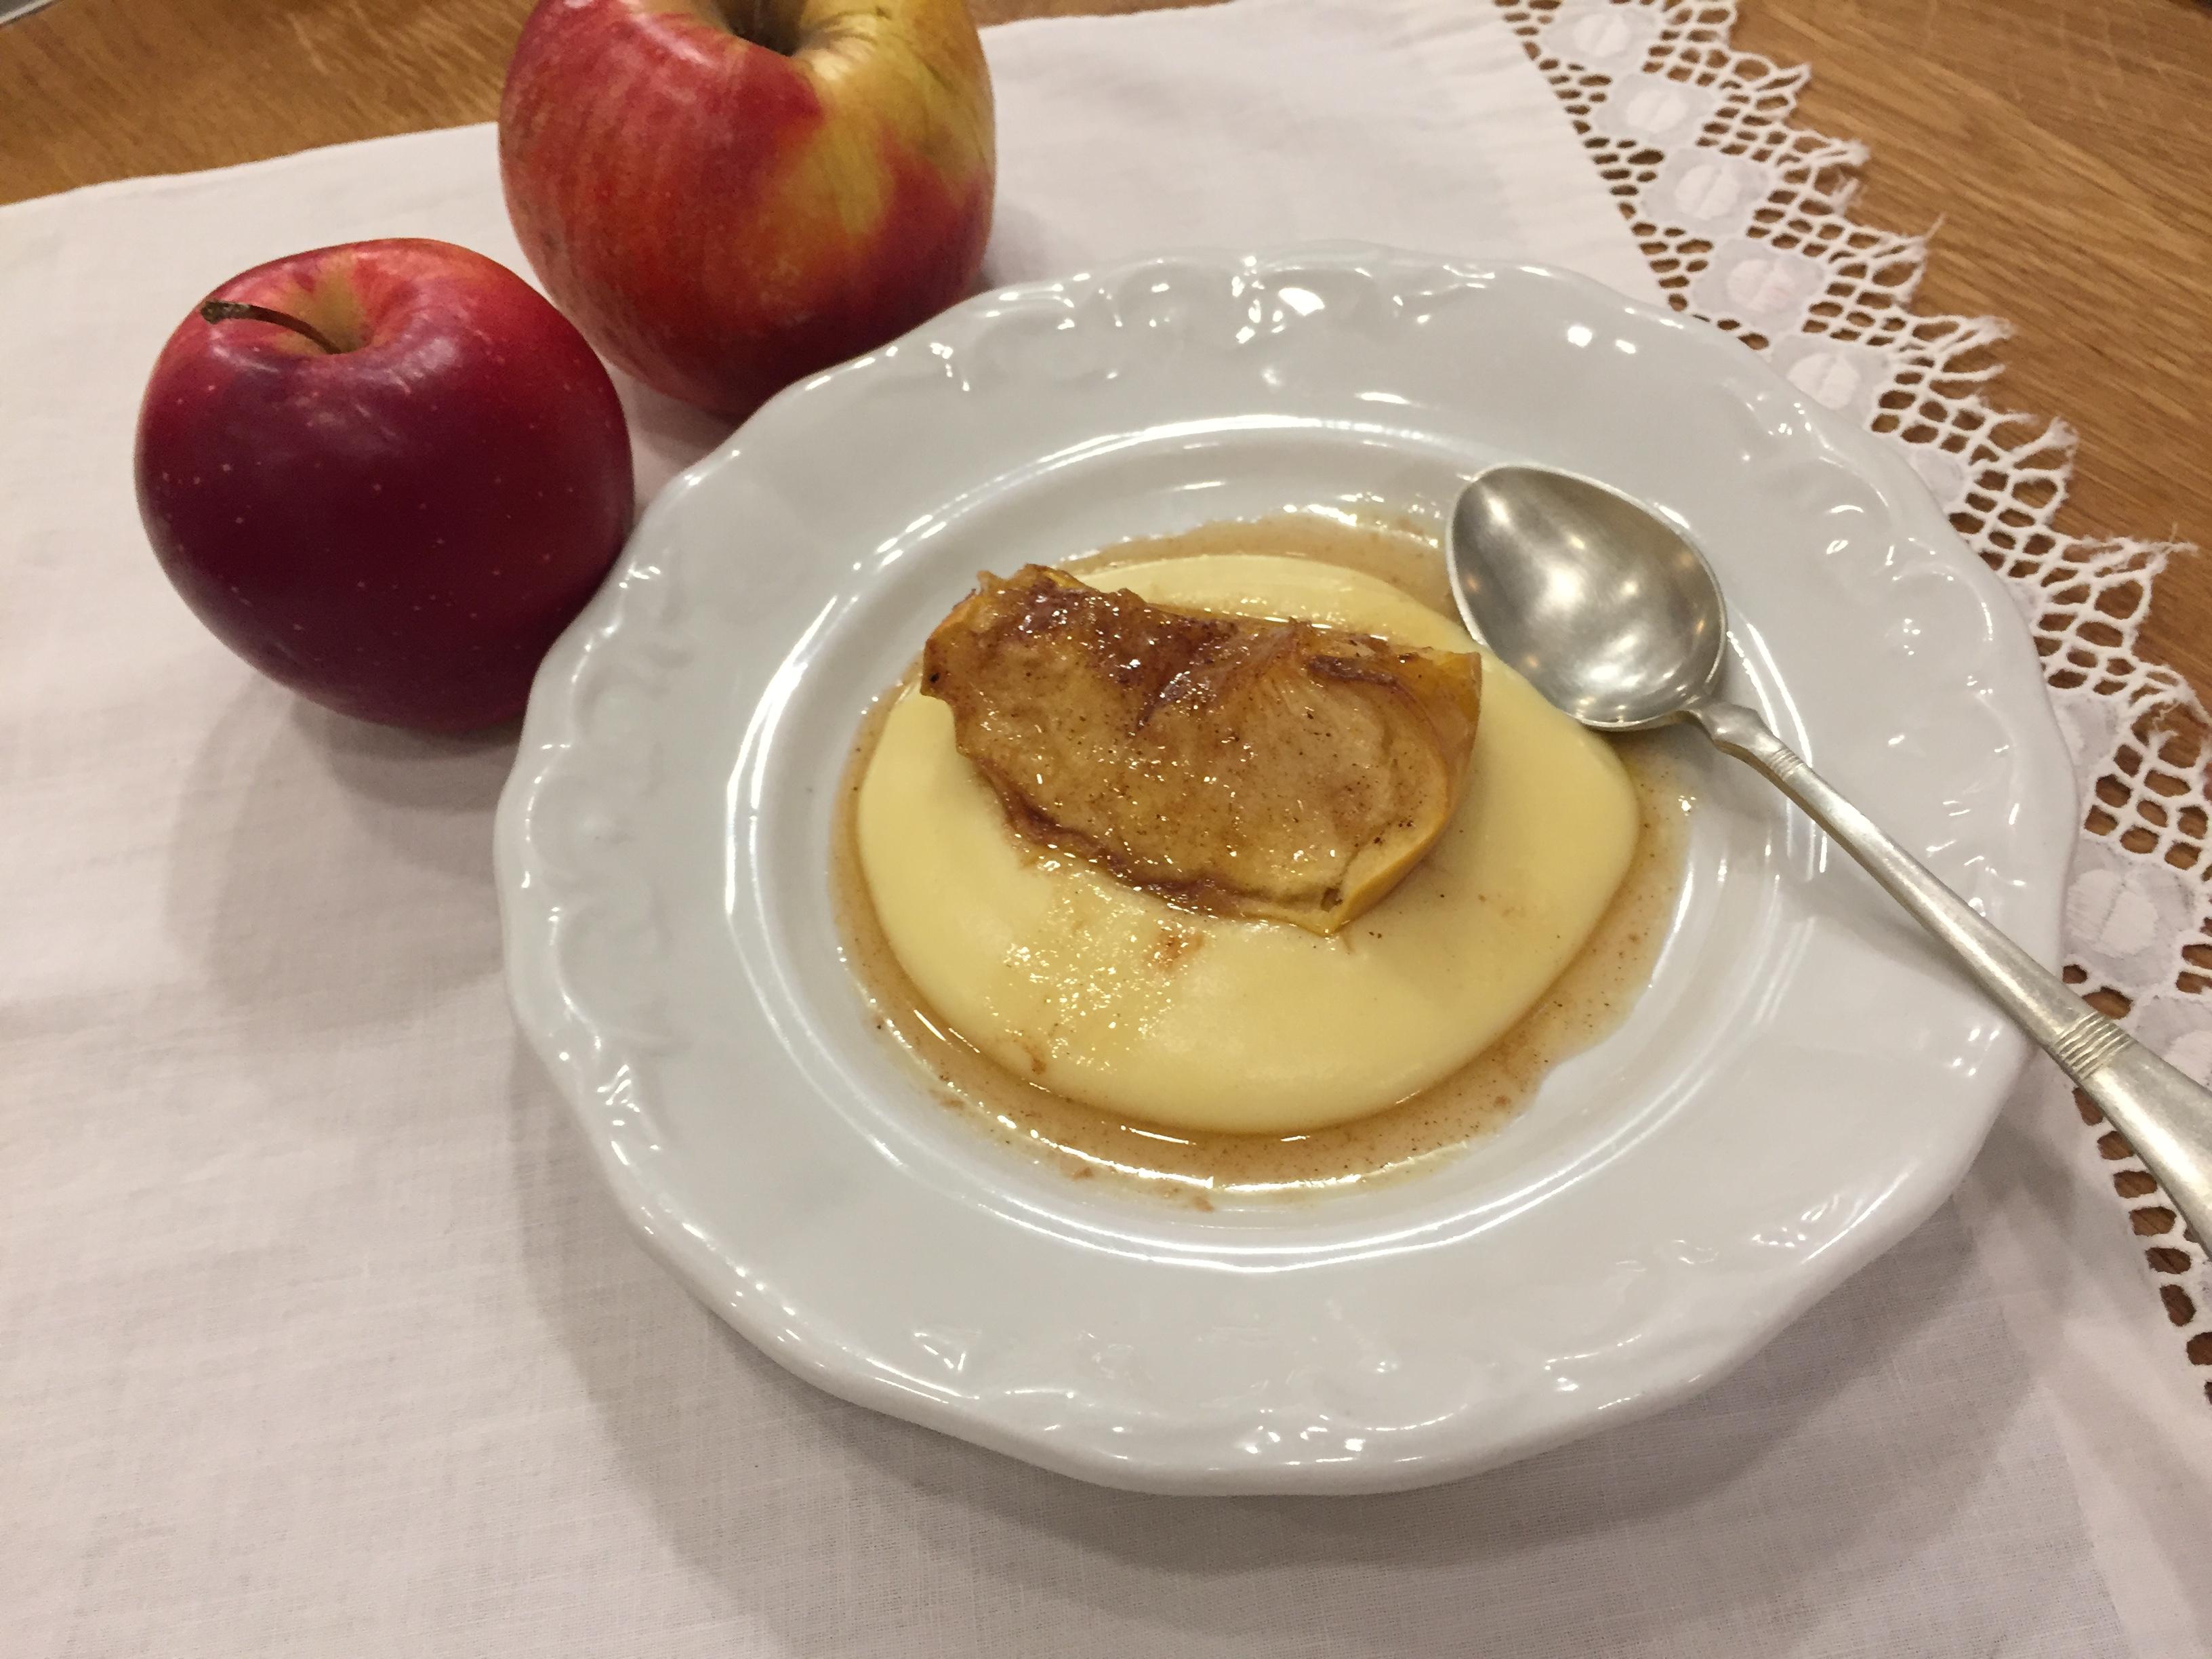 Sült alma vaníliakrémmel